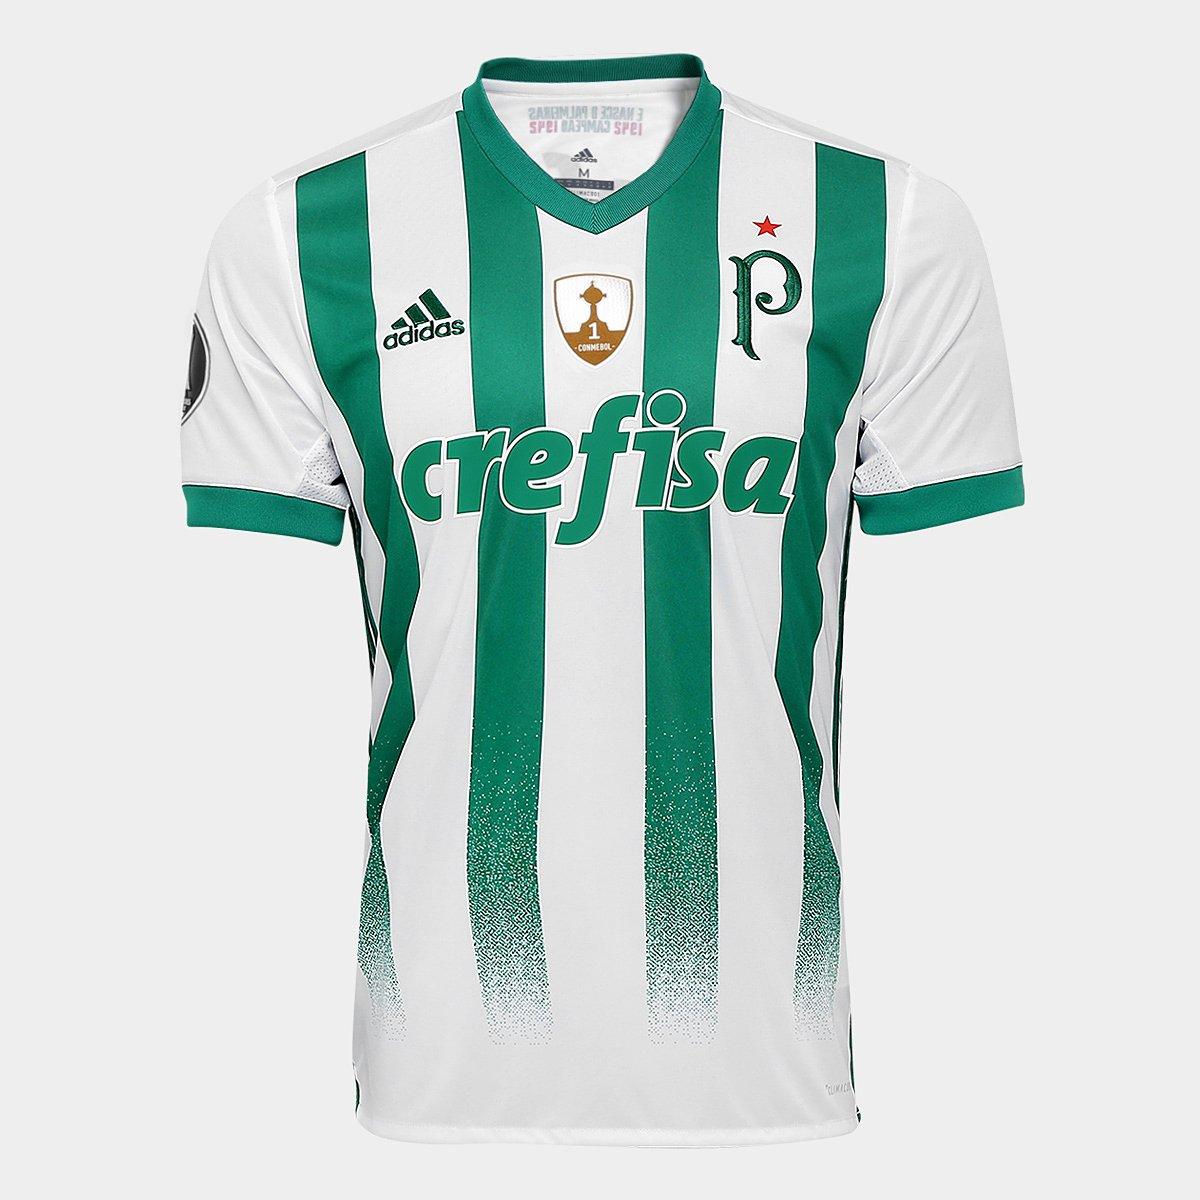 Camisa Adidas Palmeiras II 17 18 S Nº - Torcedor - Patch Libertadores -  Compre Agora  4a7fb7f243d0e